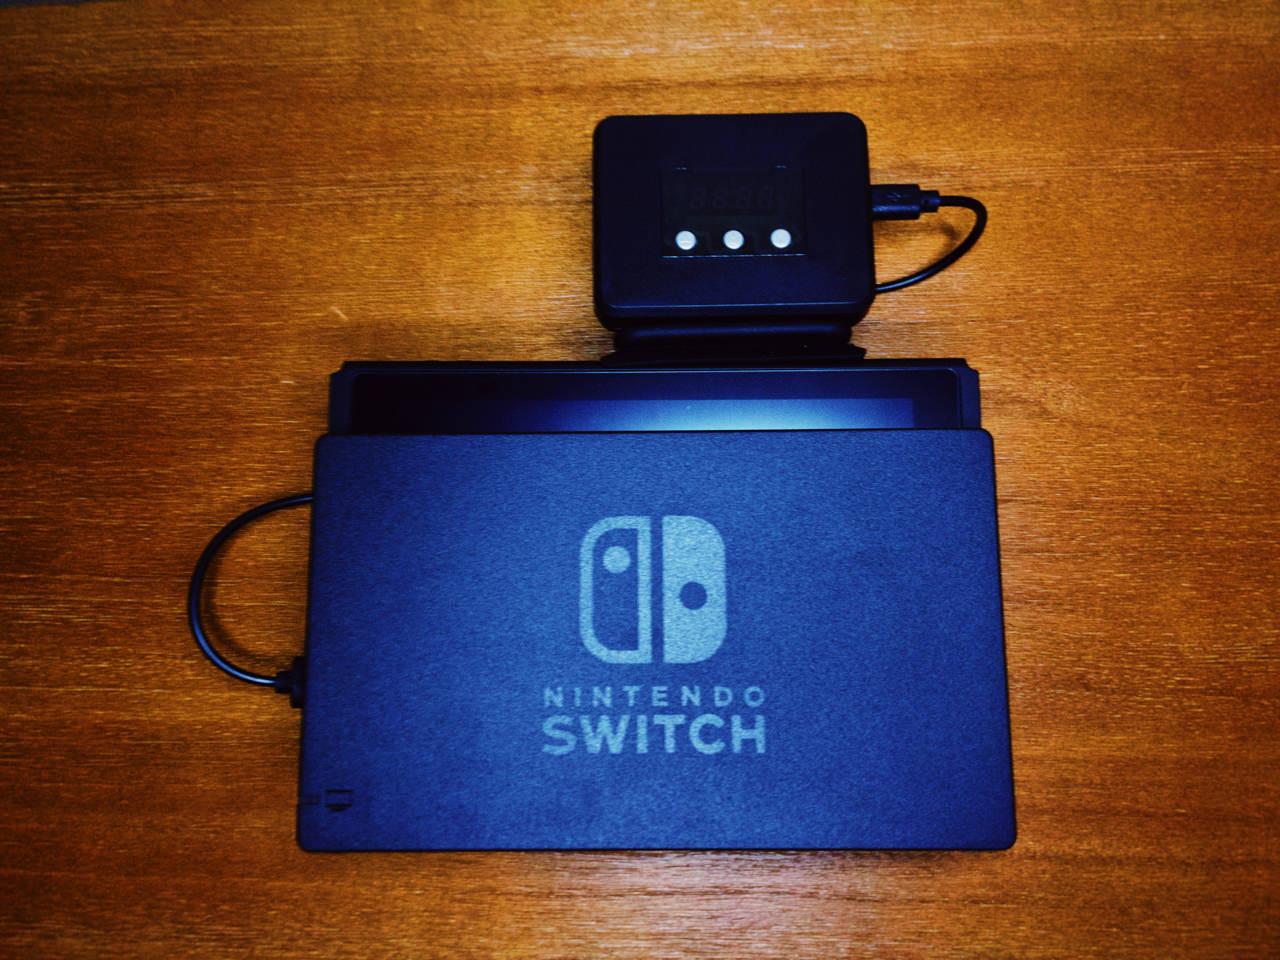 Switch版DBDおすすめ冷却ファン